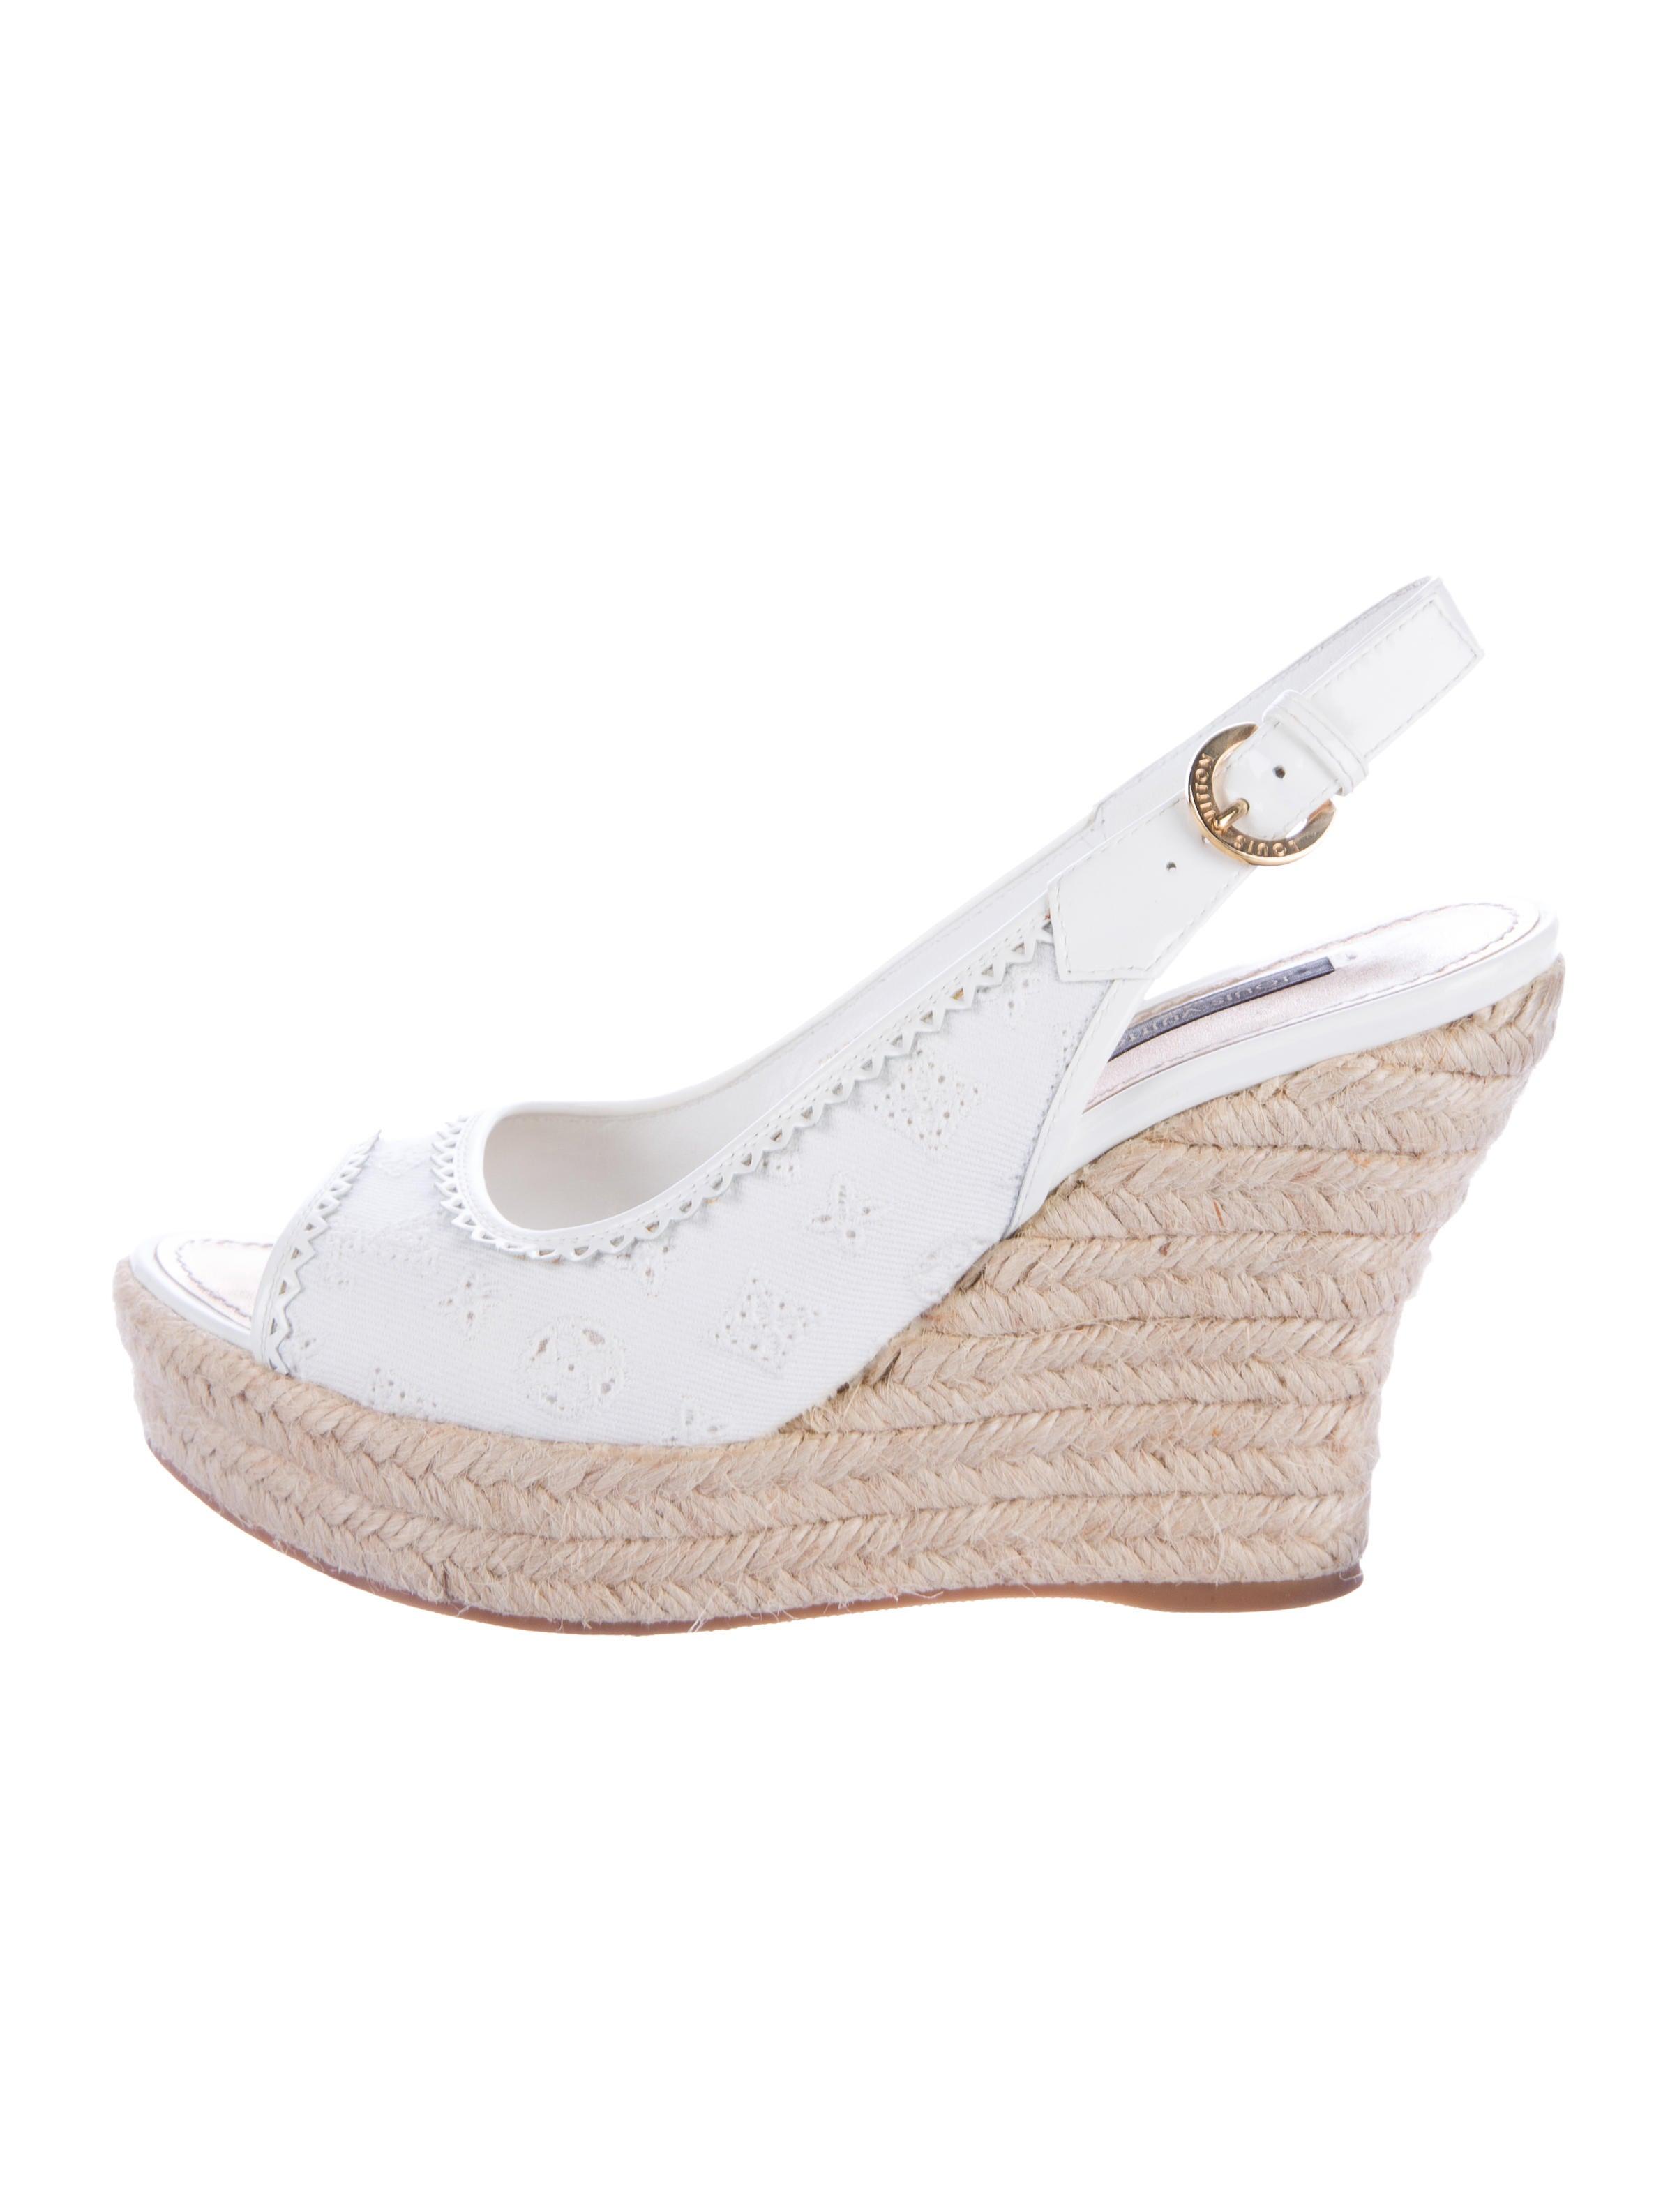 louis vuitton espadrille wedge sandals shoes lou119430